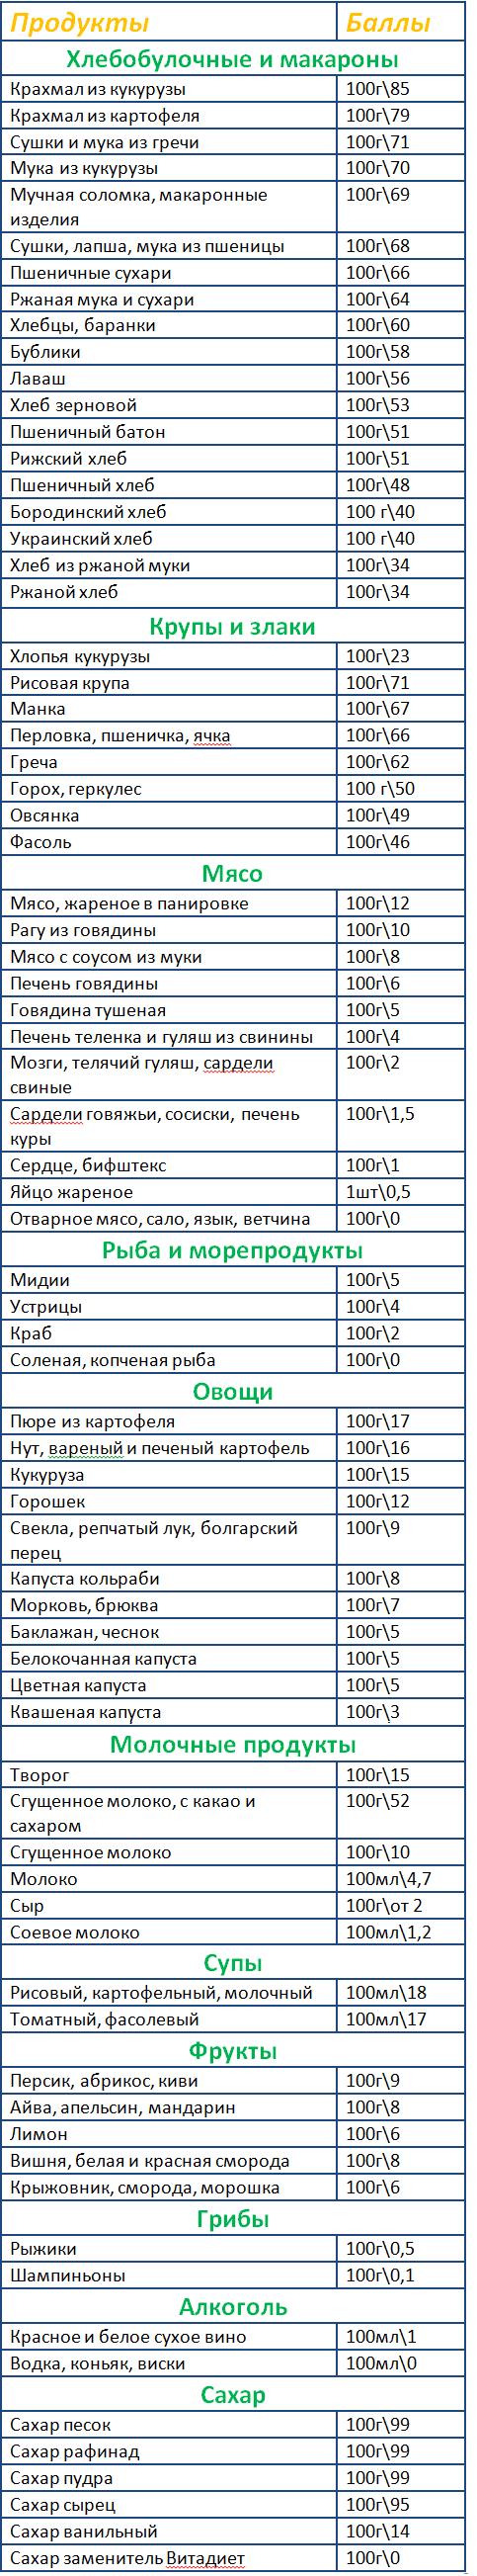 кремлевская диета список продуктов с баллами